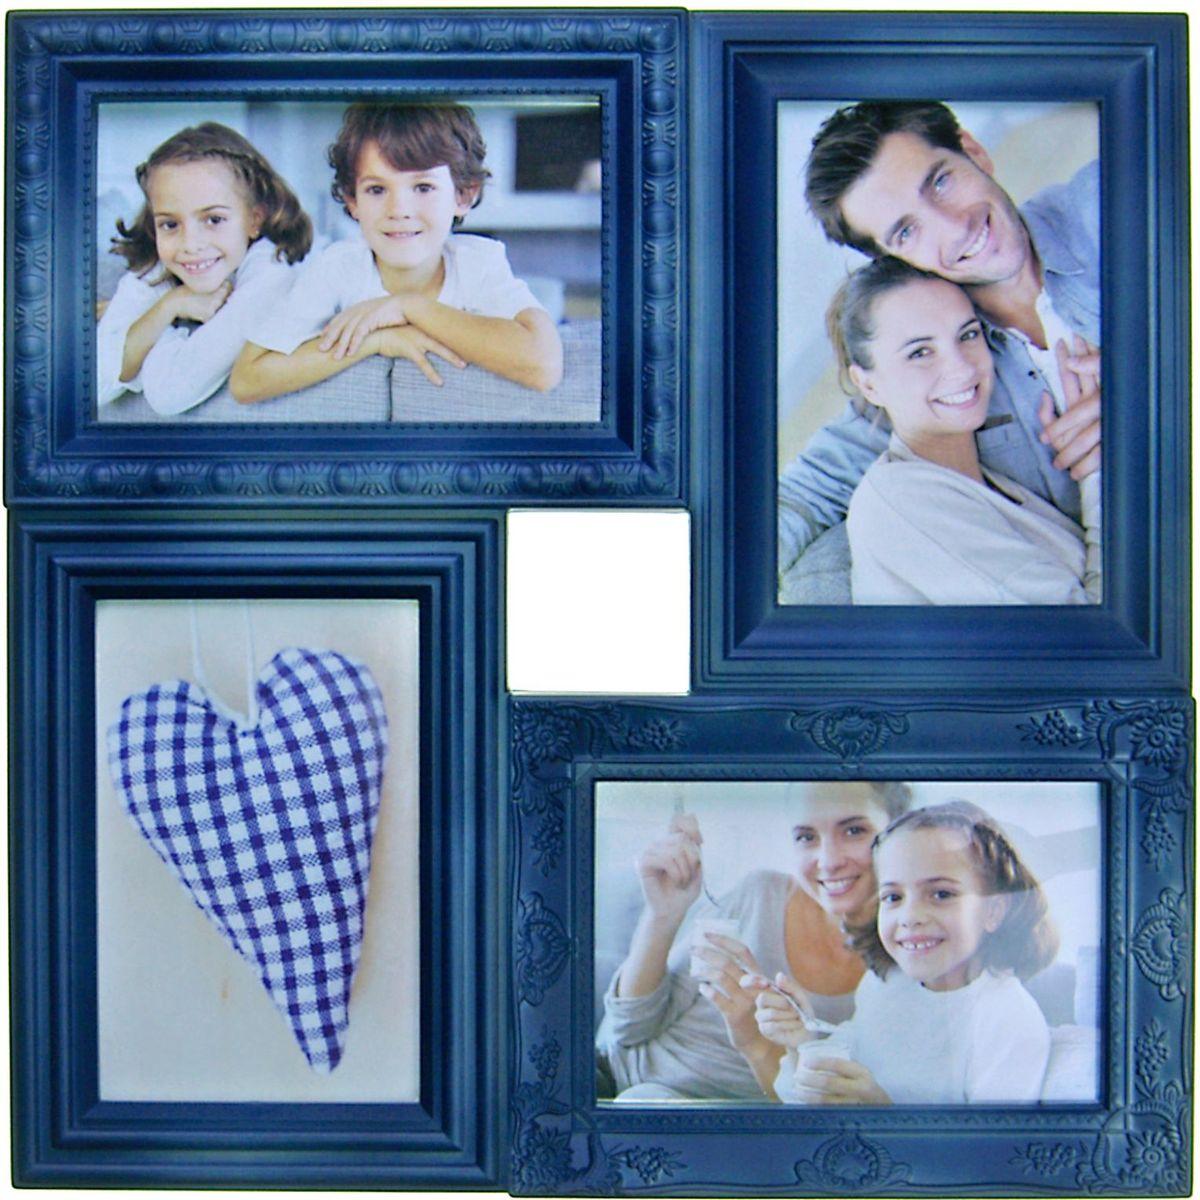 Коллаж Platinum, цвет: джинсовый, 4 фоторамки. BIN-112181PLATINUM BIN-112181 Джинсовый ((Blue Jeans)Пластиковый коллаж с 4 фото 10х15.